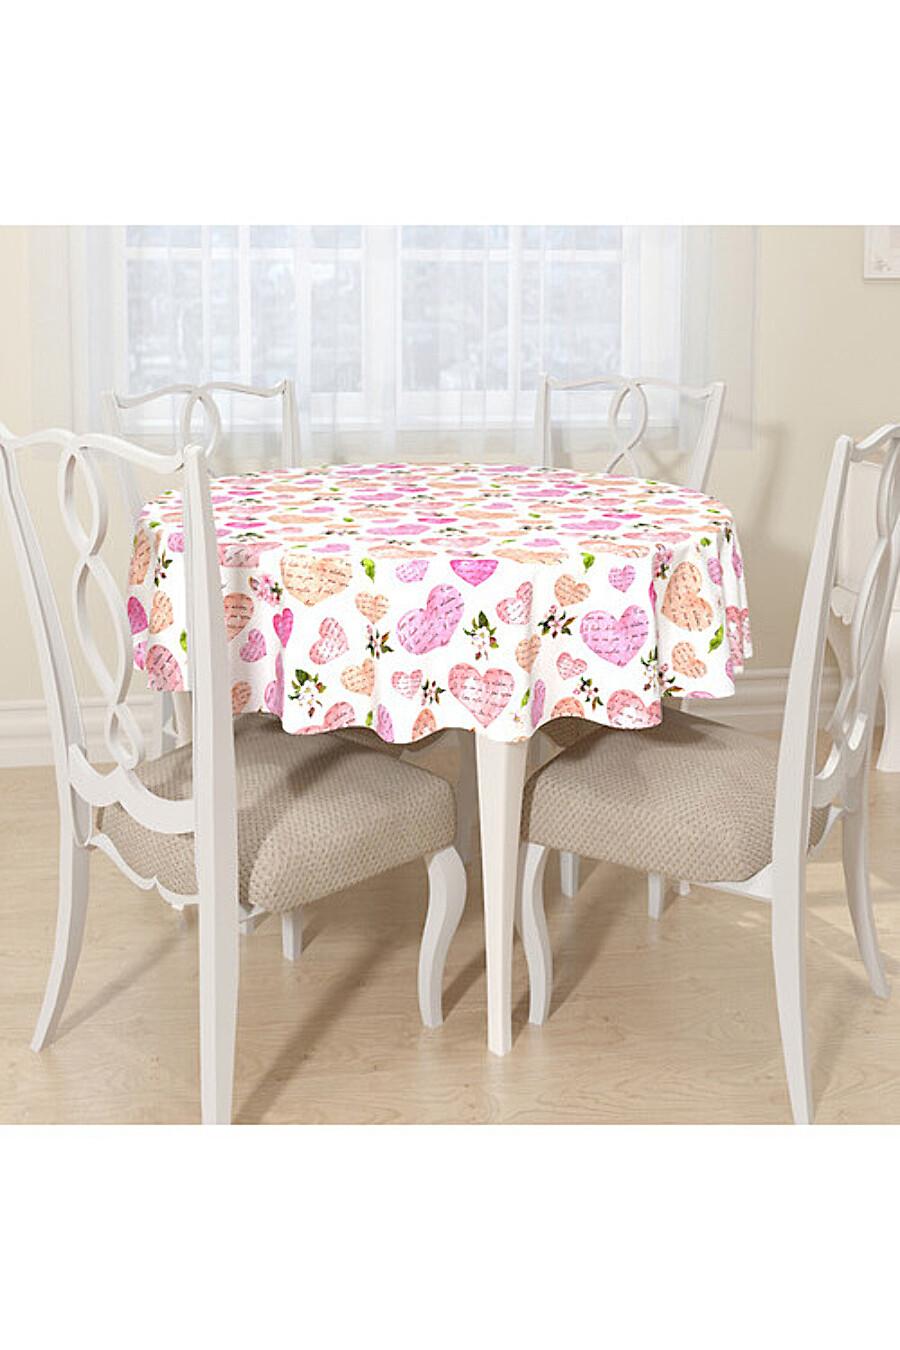 Скатерть для дома ART HOME TEXTILE 180252 купить оптом от производителя. Совместная покупка товаров для дома в OptMoyo